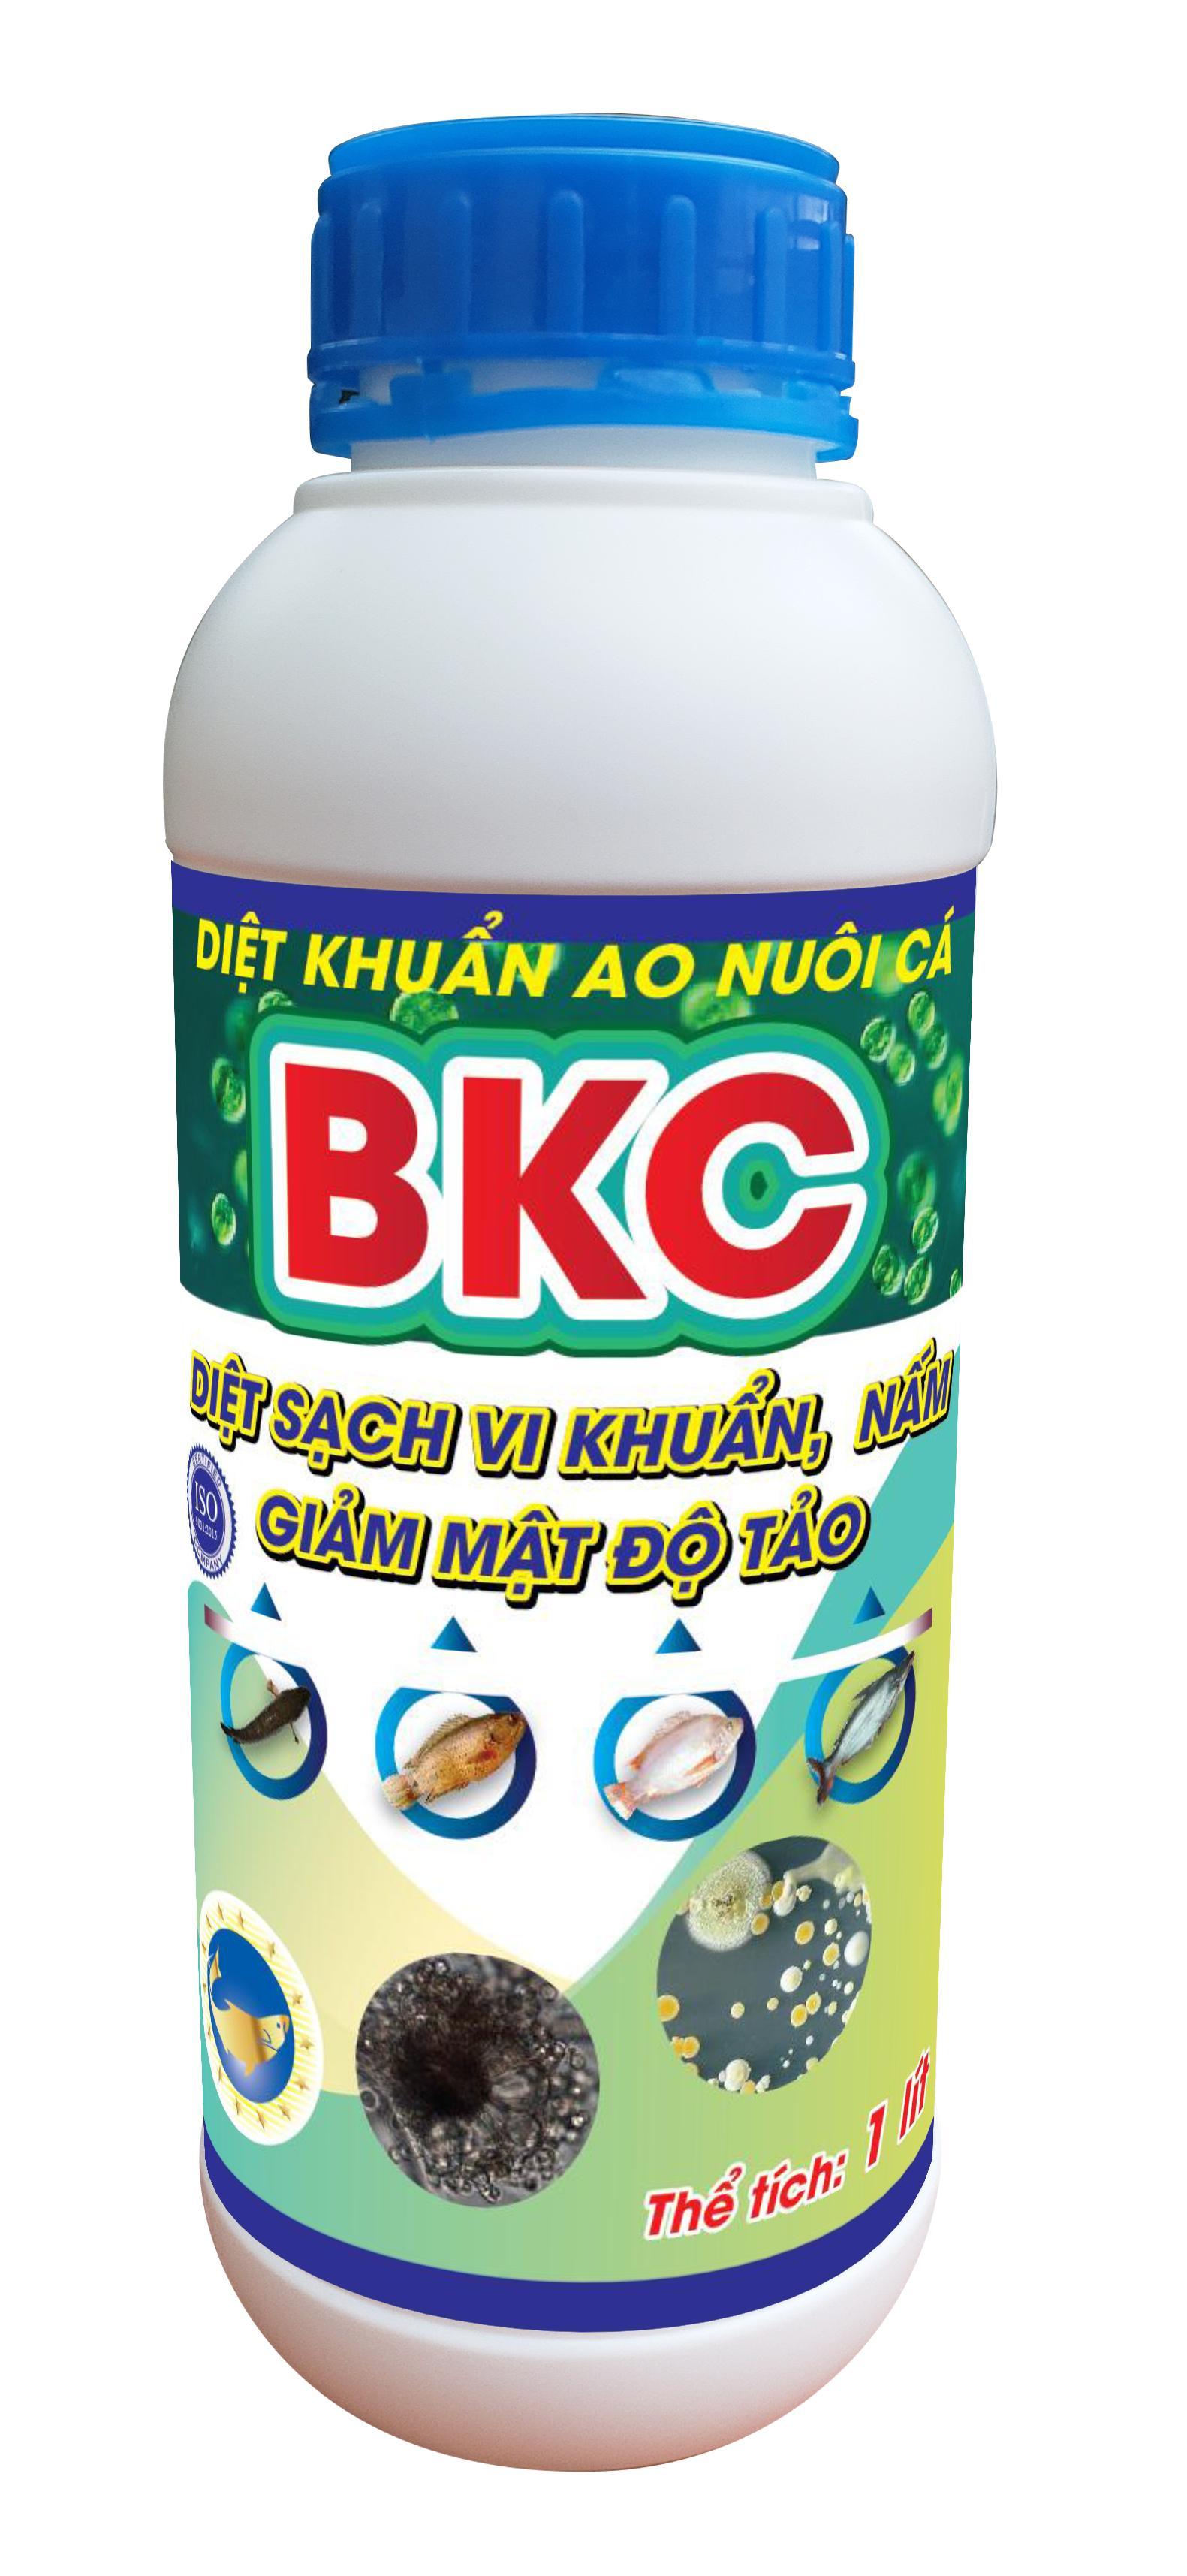 BKC - Giảm mật độ tảo trong ao cá